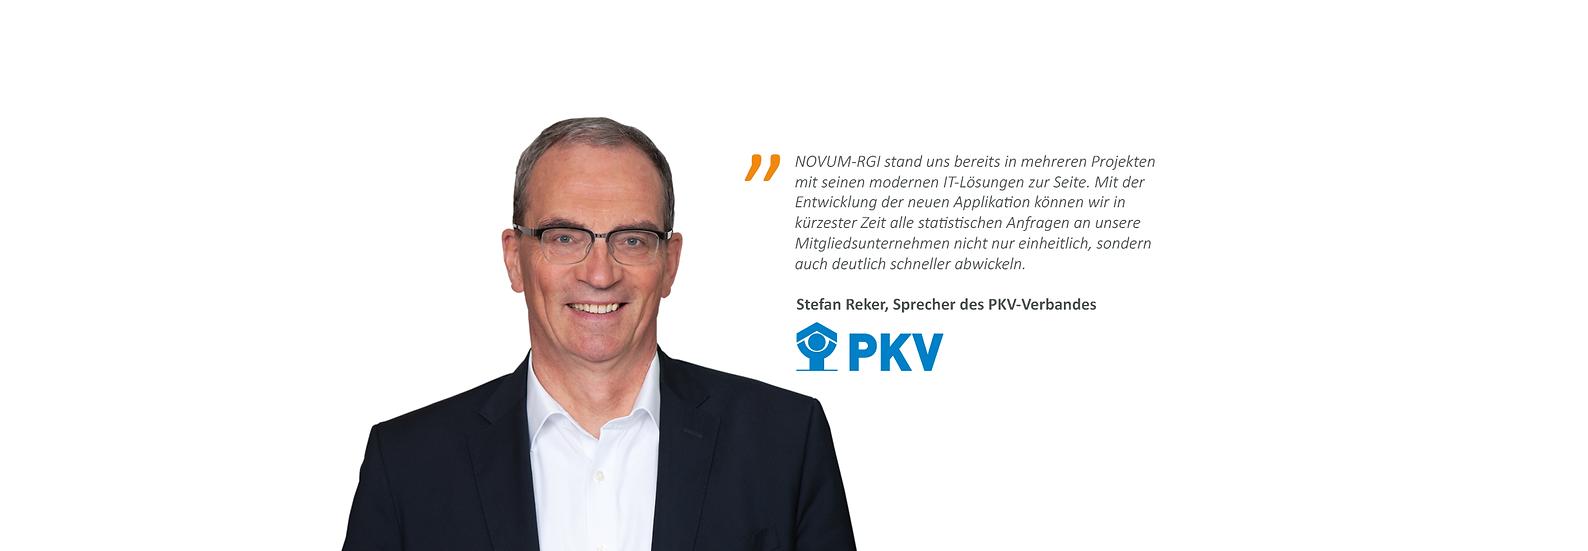 Slider Referenz PKV-Verband.png